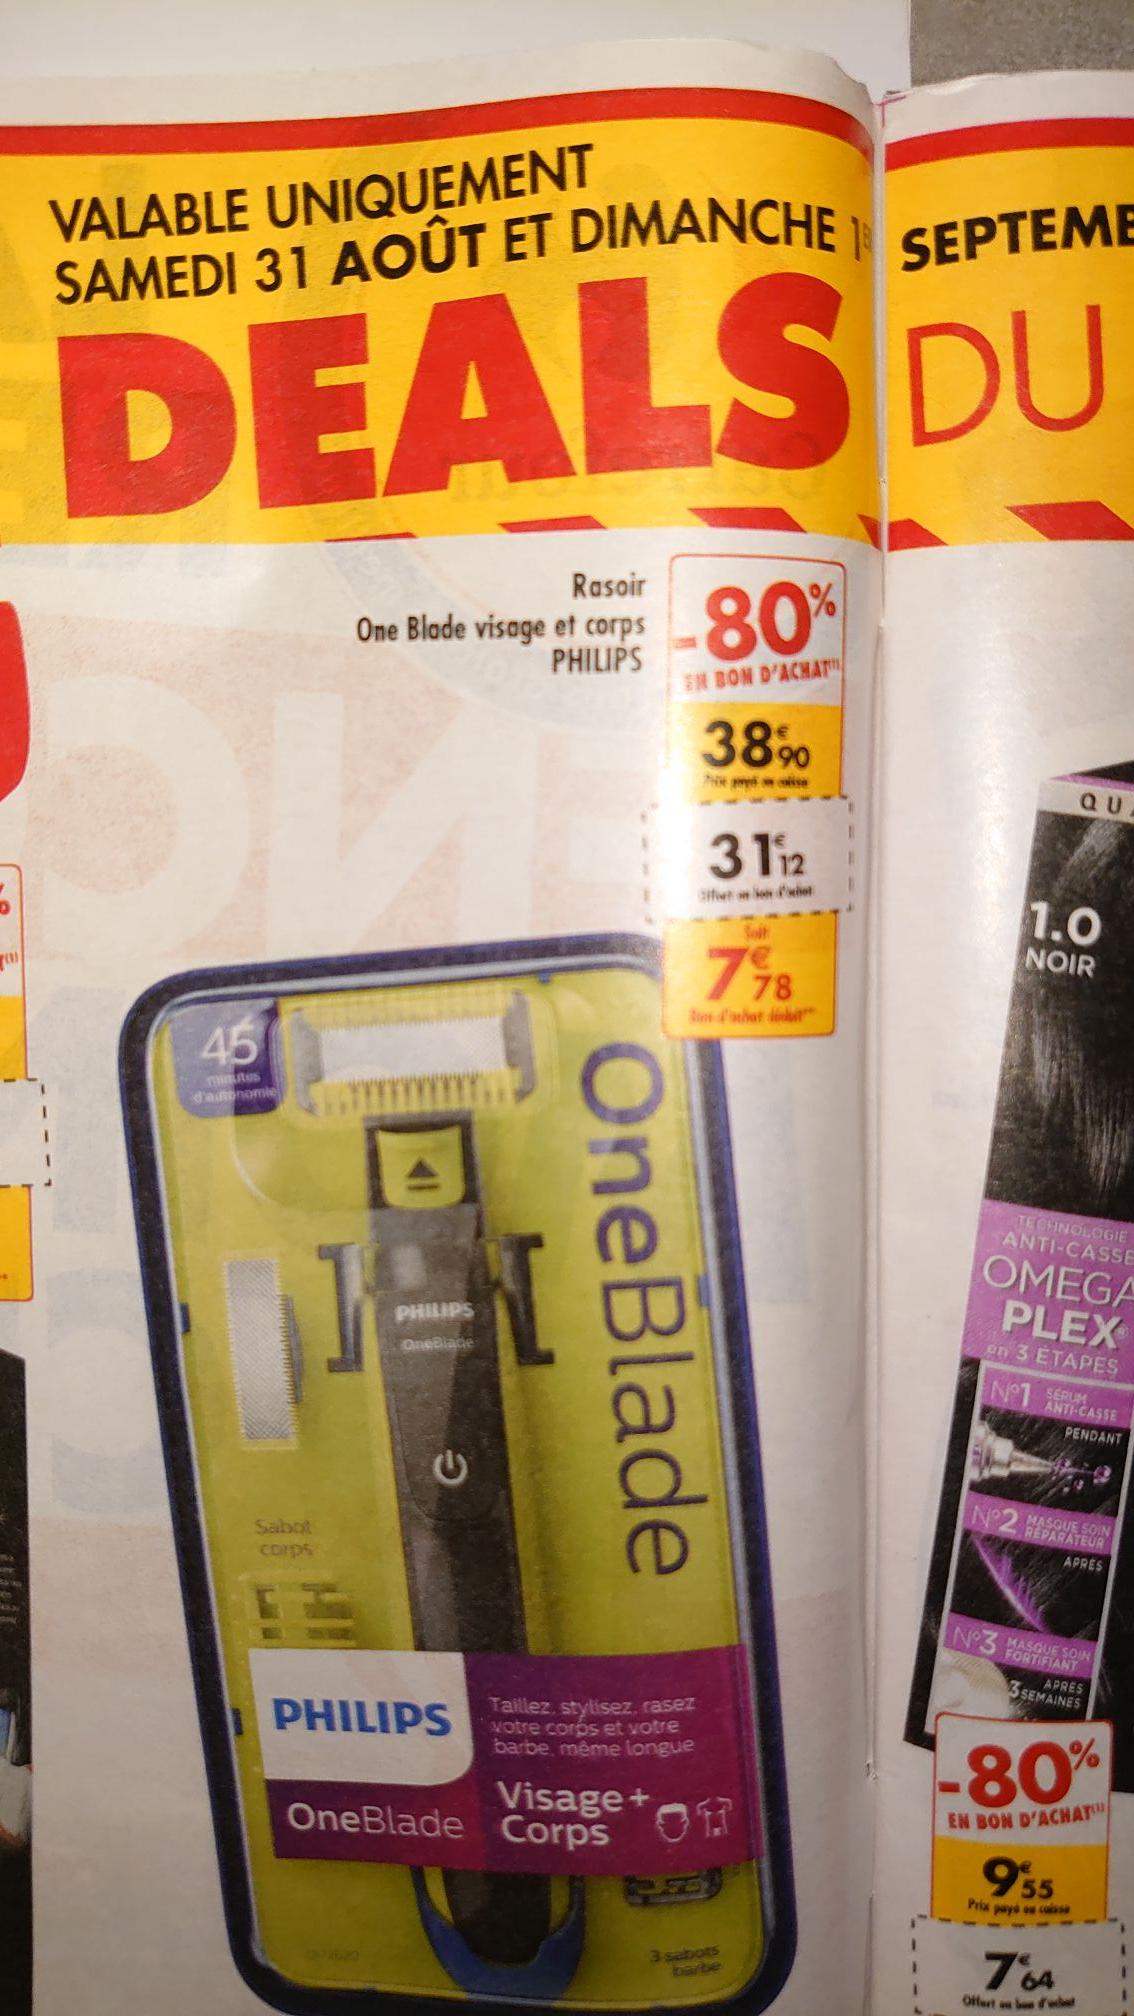 Tondeuse Philips Oneblade Visage et Corps (via 31.12€ en bon d'achat)